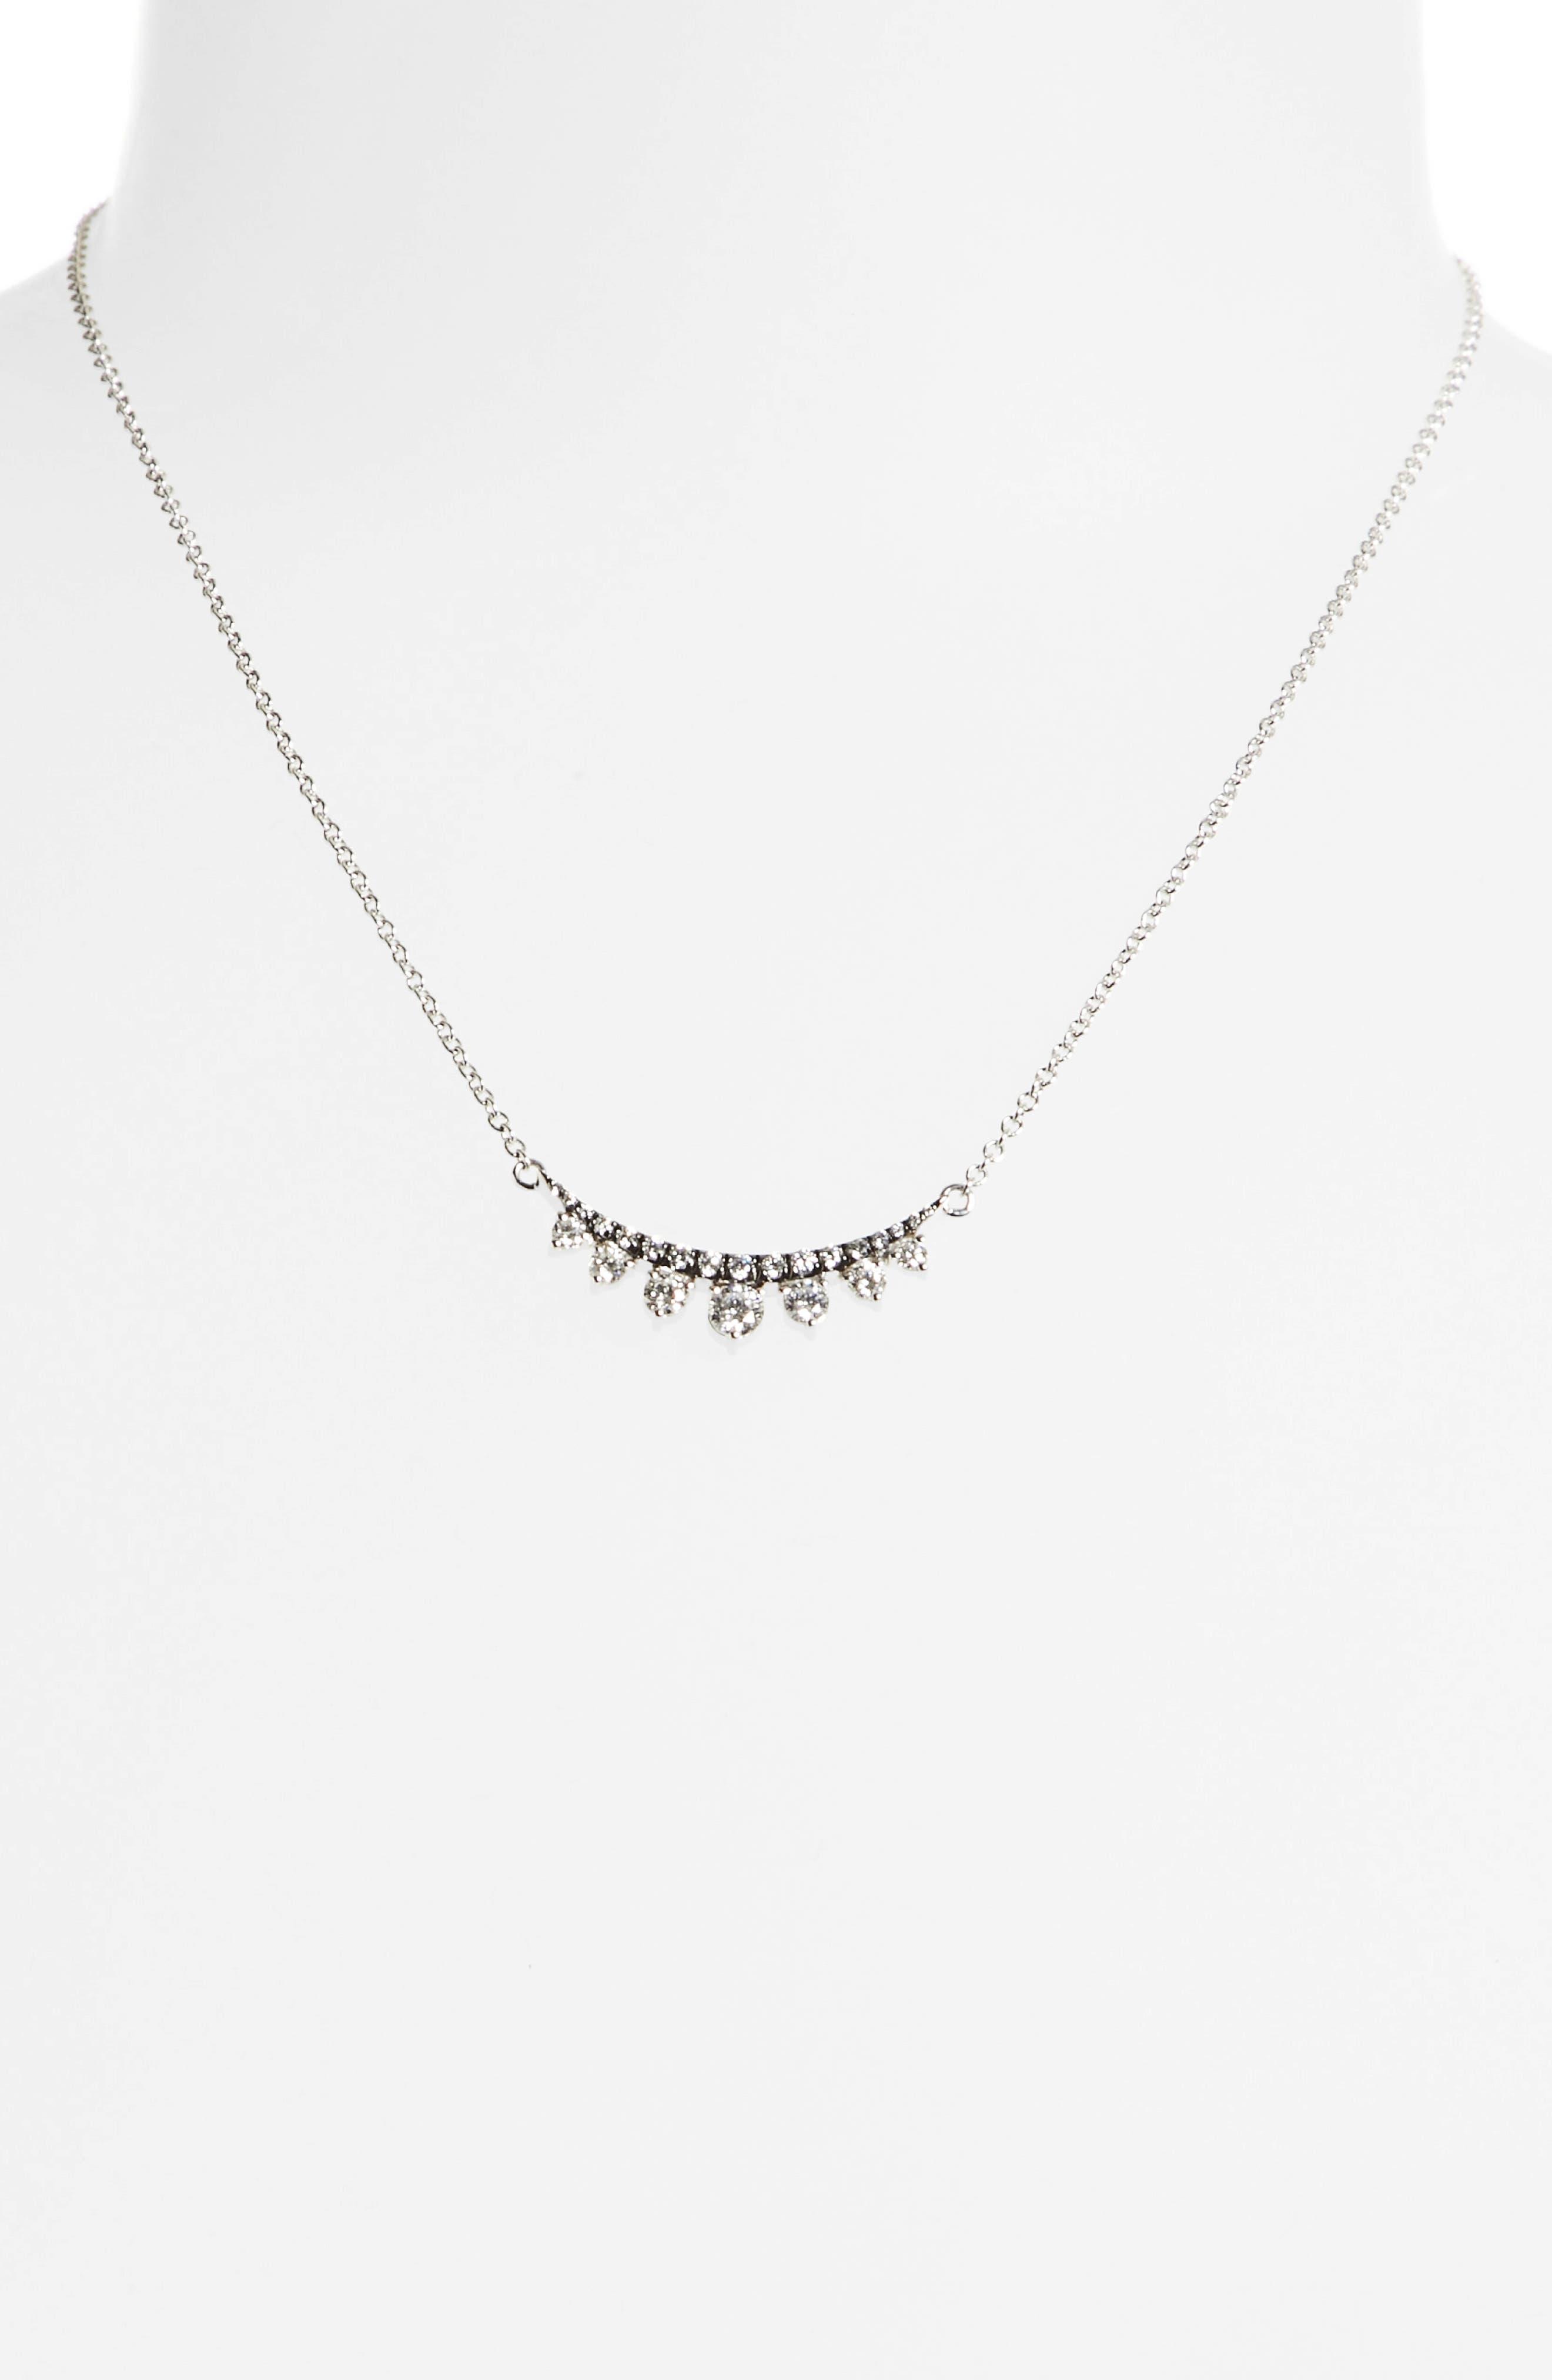 Prive Luxe 18K White Gold & Diamond Necklace,                         Main,                         color, Diamond/Black Rhodium